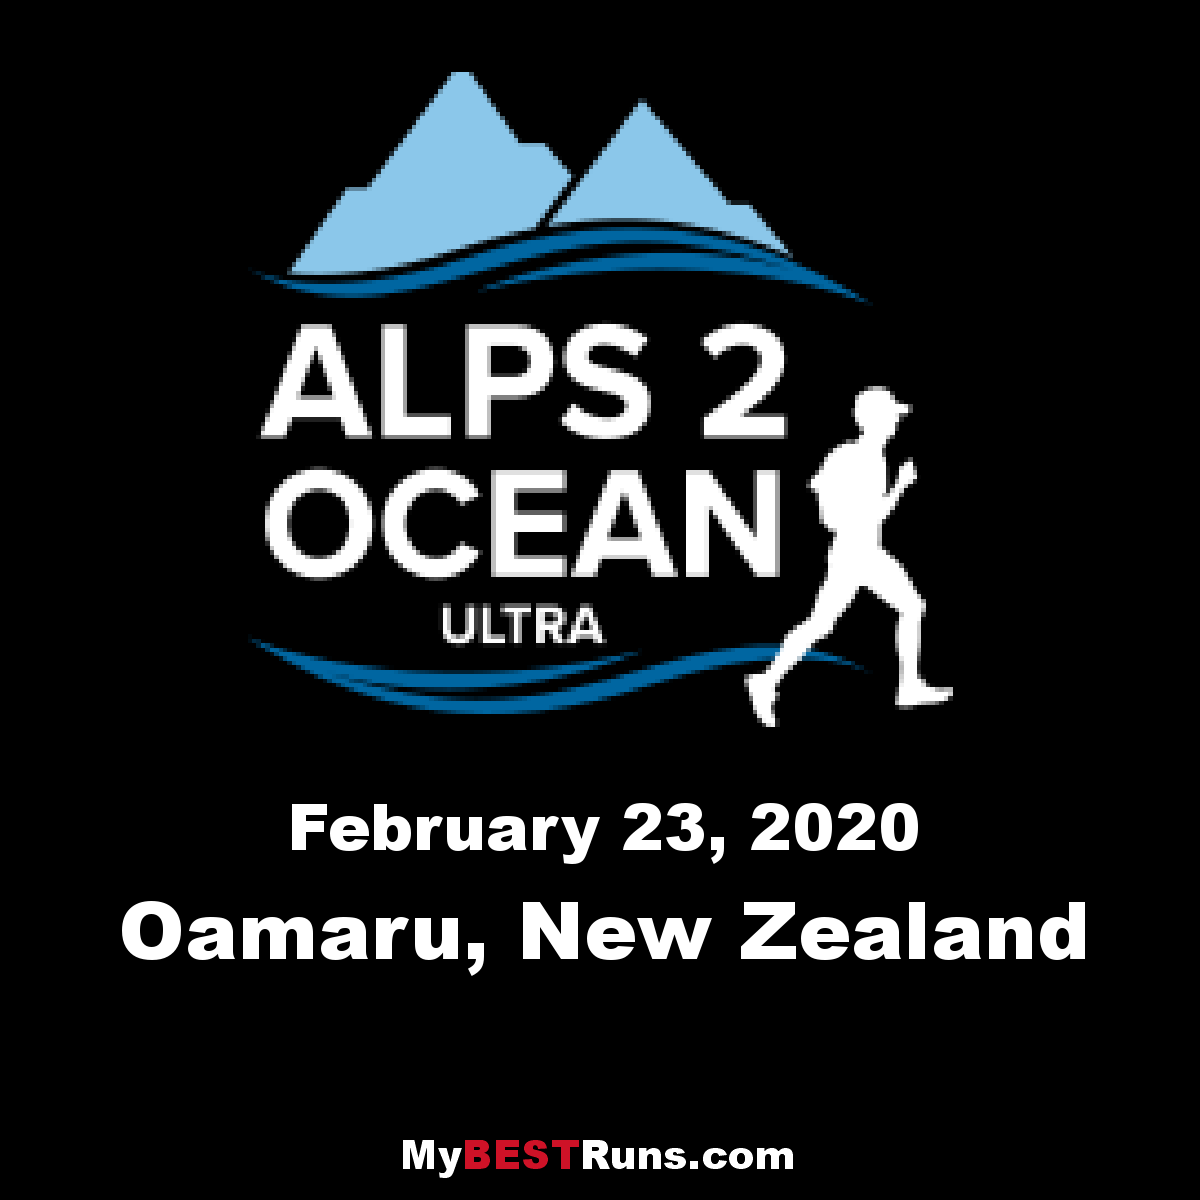 Alps 2 Ocean Ultra